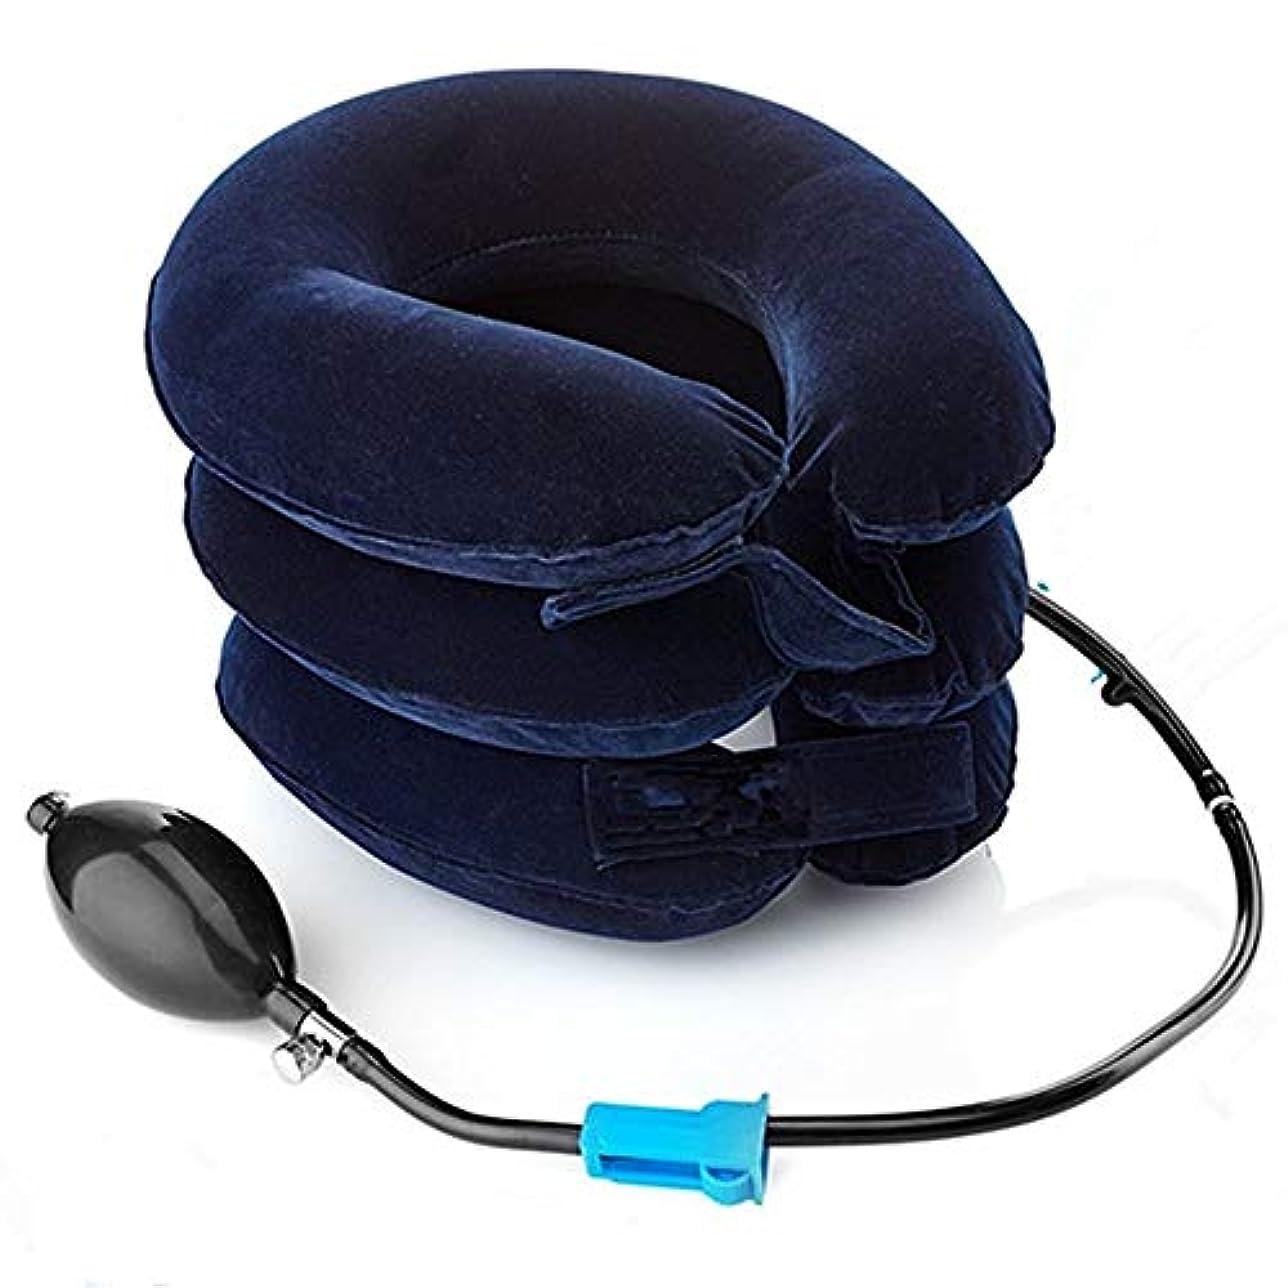 先入観足枷借りる子宮頸管牽引装置FDA登録 - ホームトラクション背骨の整列のためのインフレータブル&調節可能なネックストレッチャーカラー